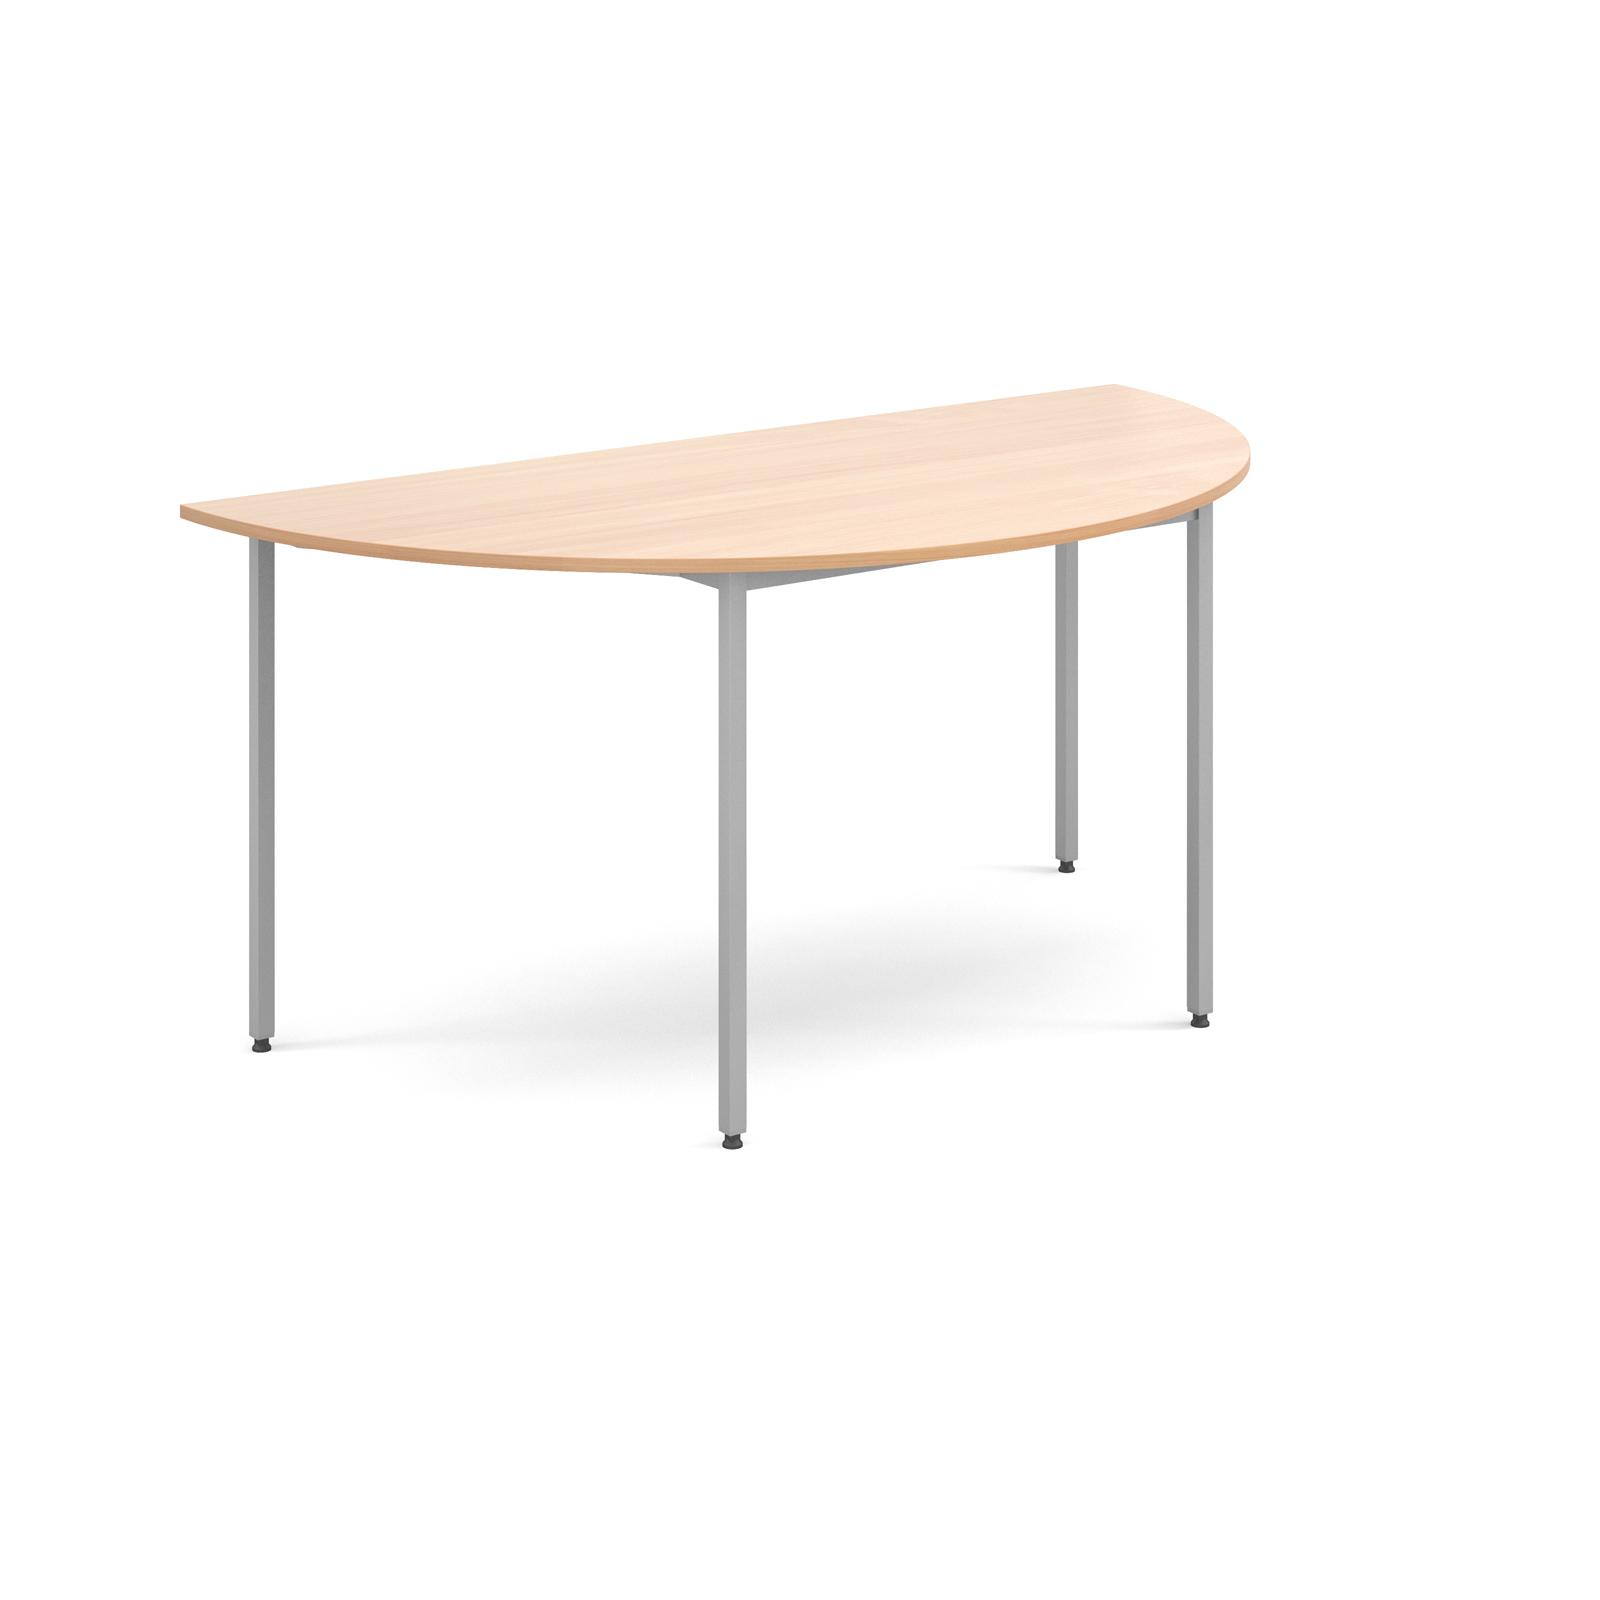 Semi circular flexi table with silver frame